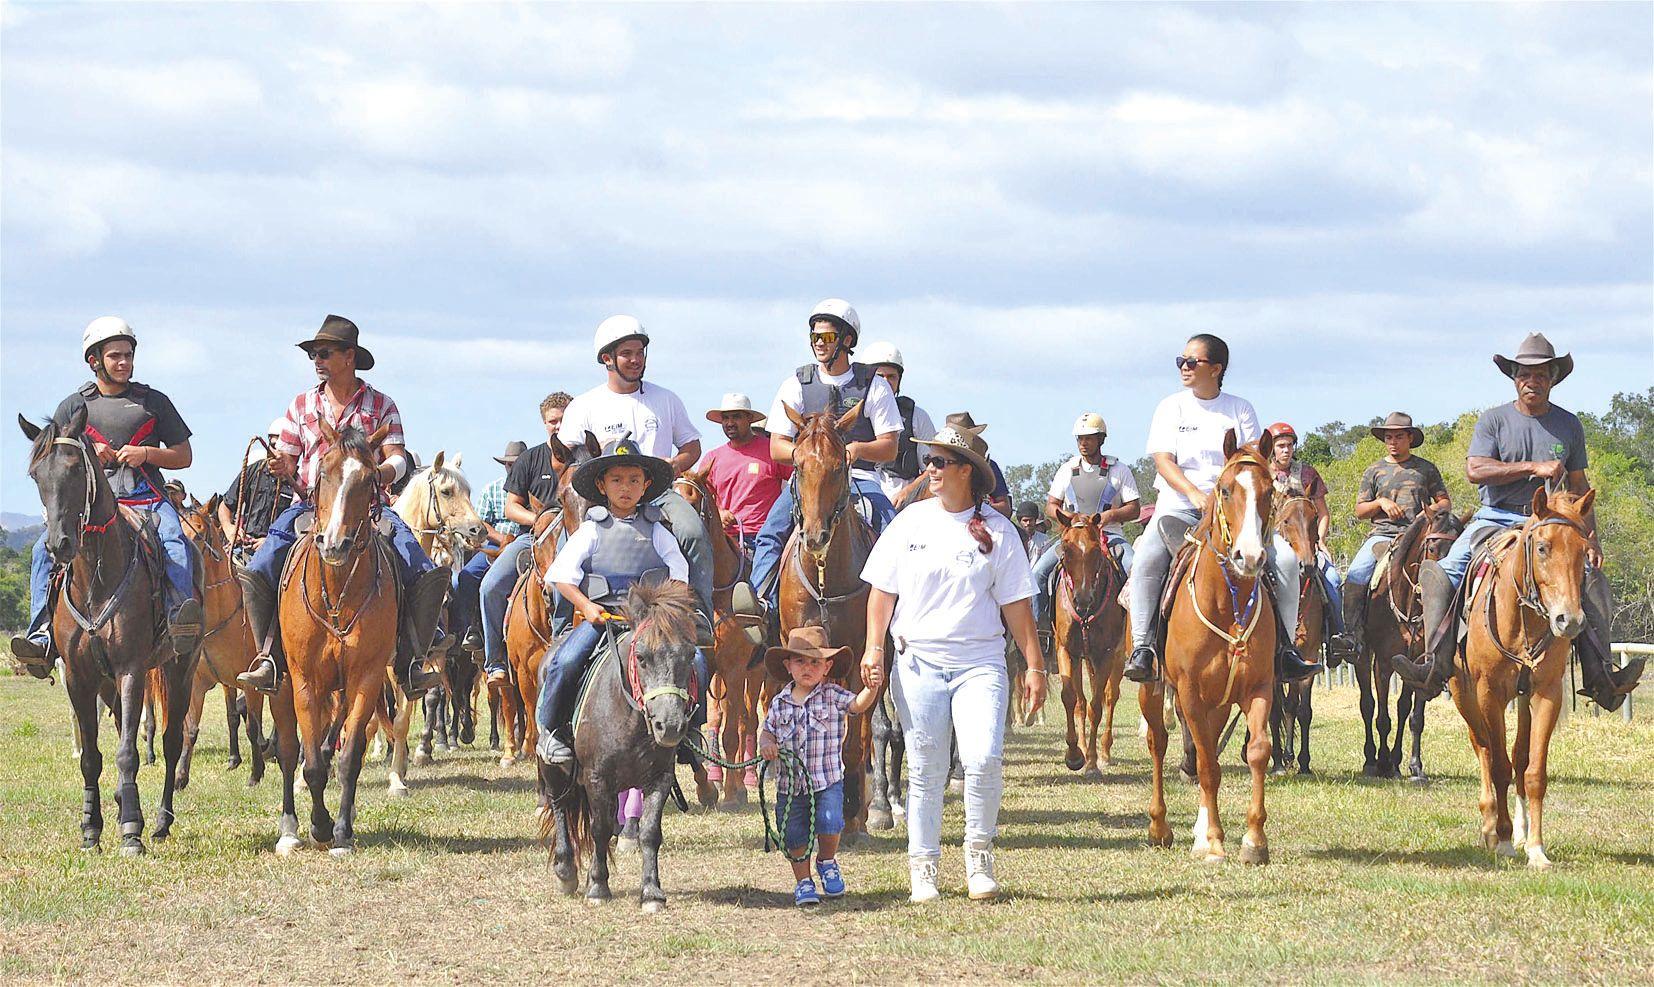 Plus de cinquante cavaliers venus de Koumac, Kaala-Gomen, Bourail, Pouembout, Poum, Ouégoa et Pouébo ont défilé devant le public avant le début des épreuves.